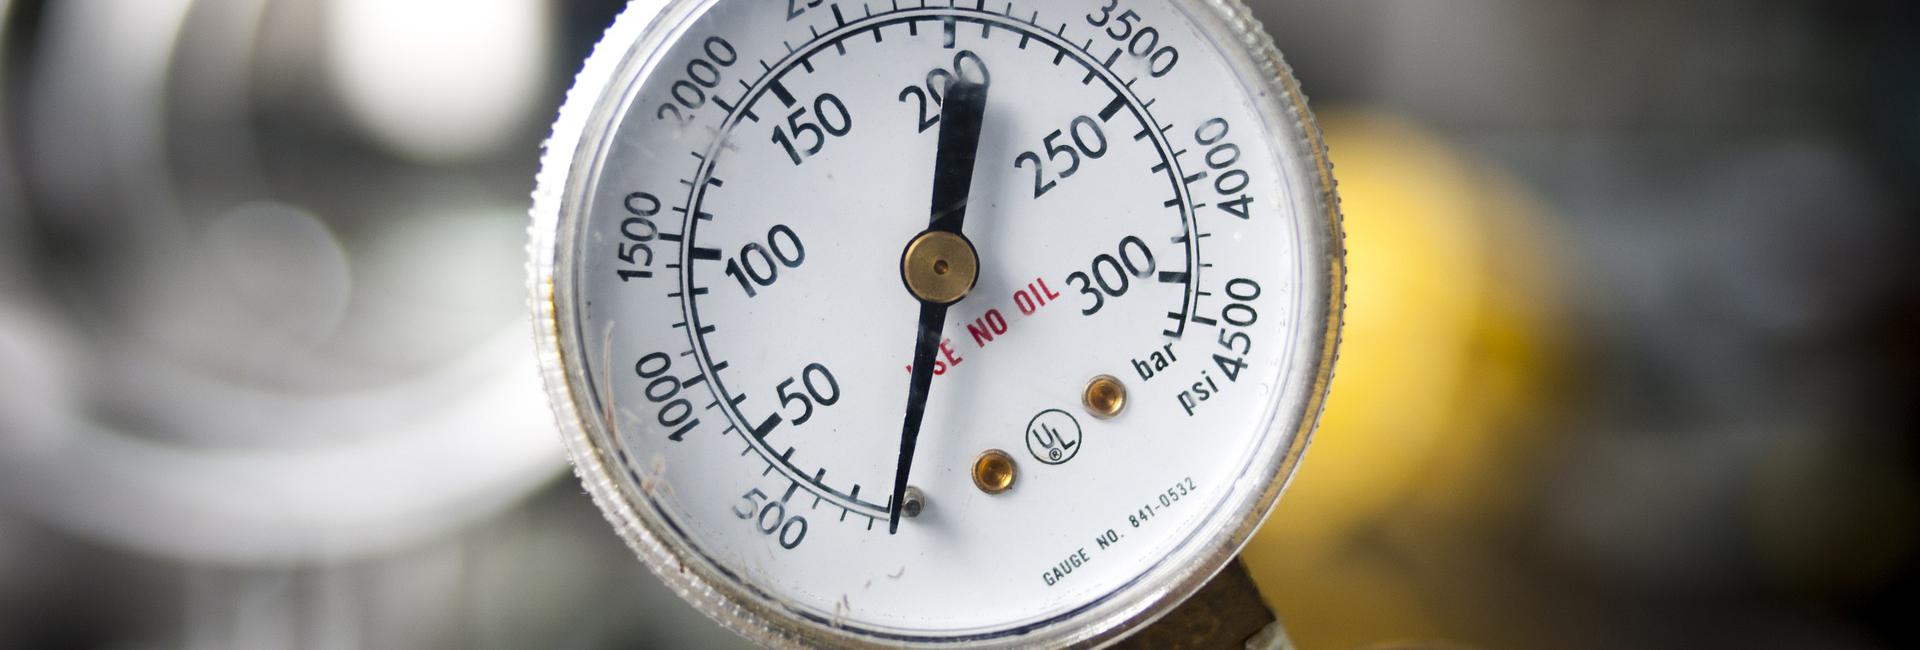 Nollis®-blogi: Kohti nollaa - jäähtyykö vai lämpeneekö?